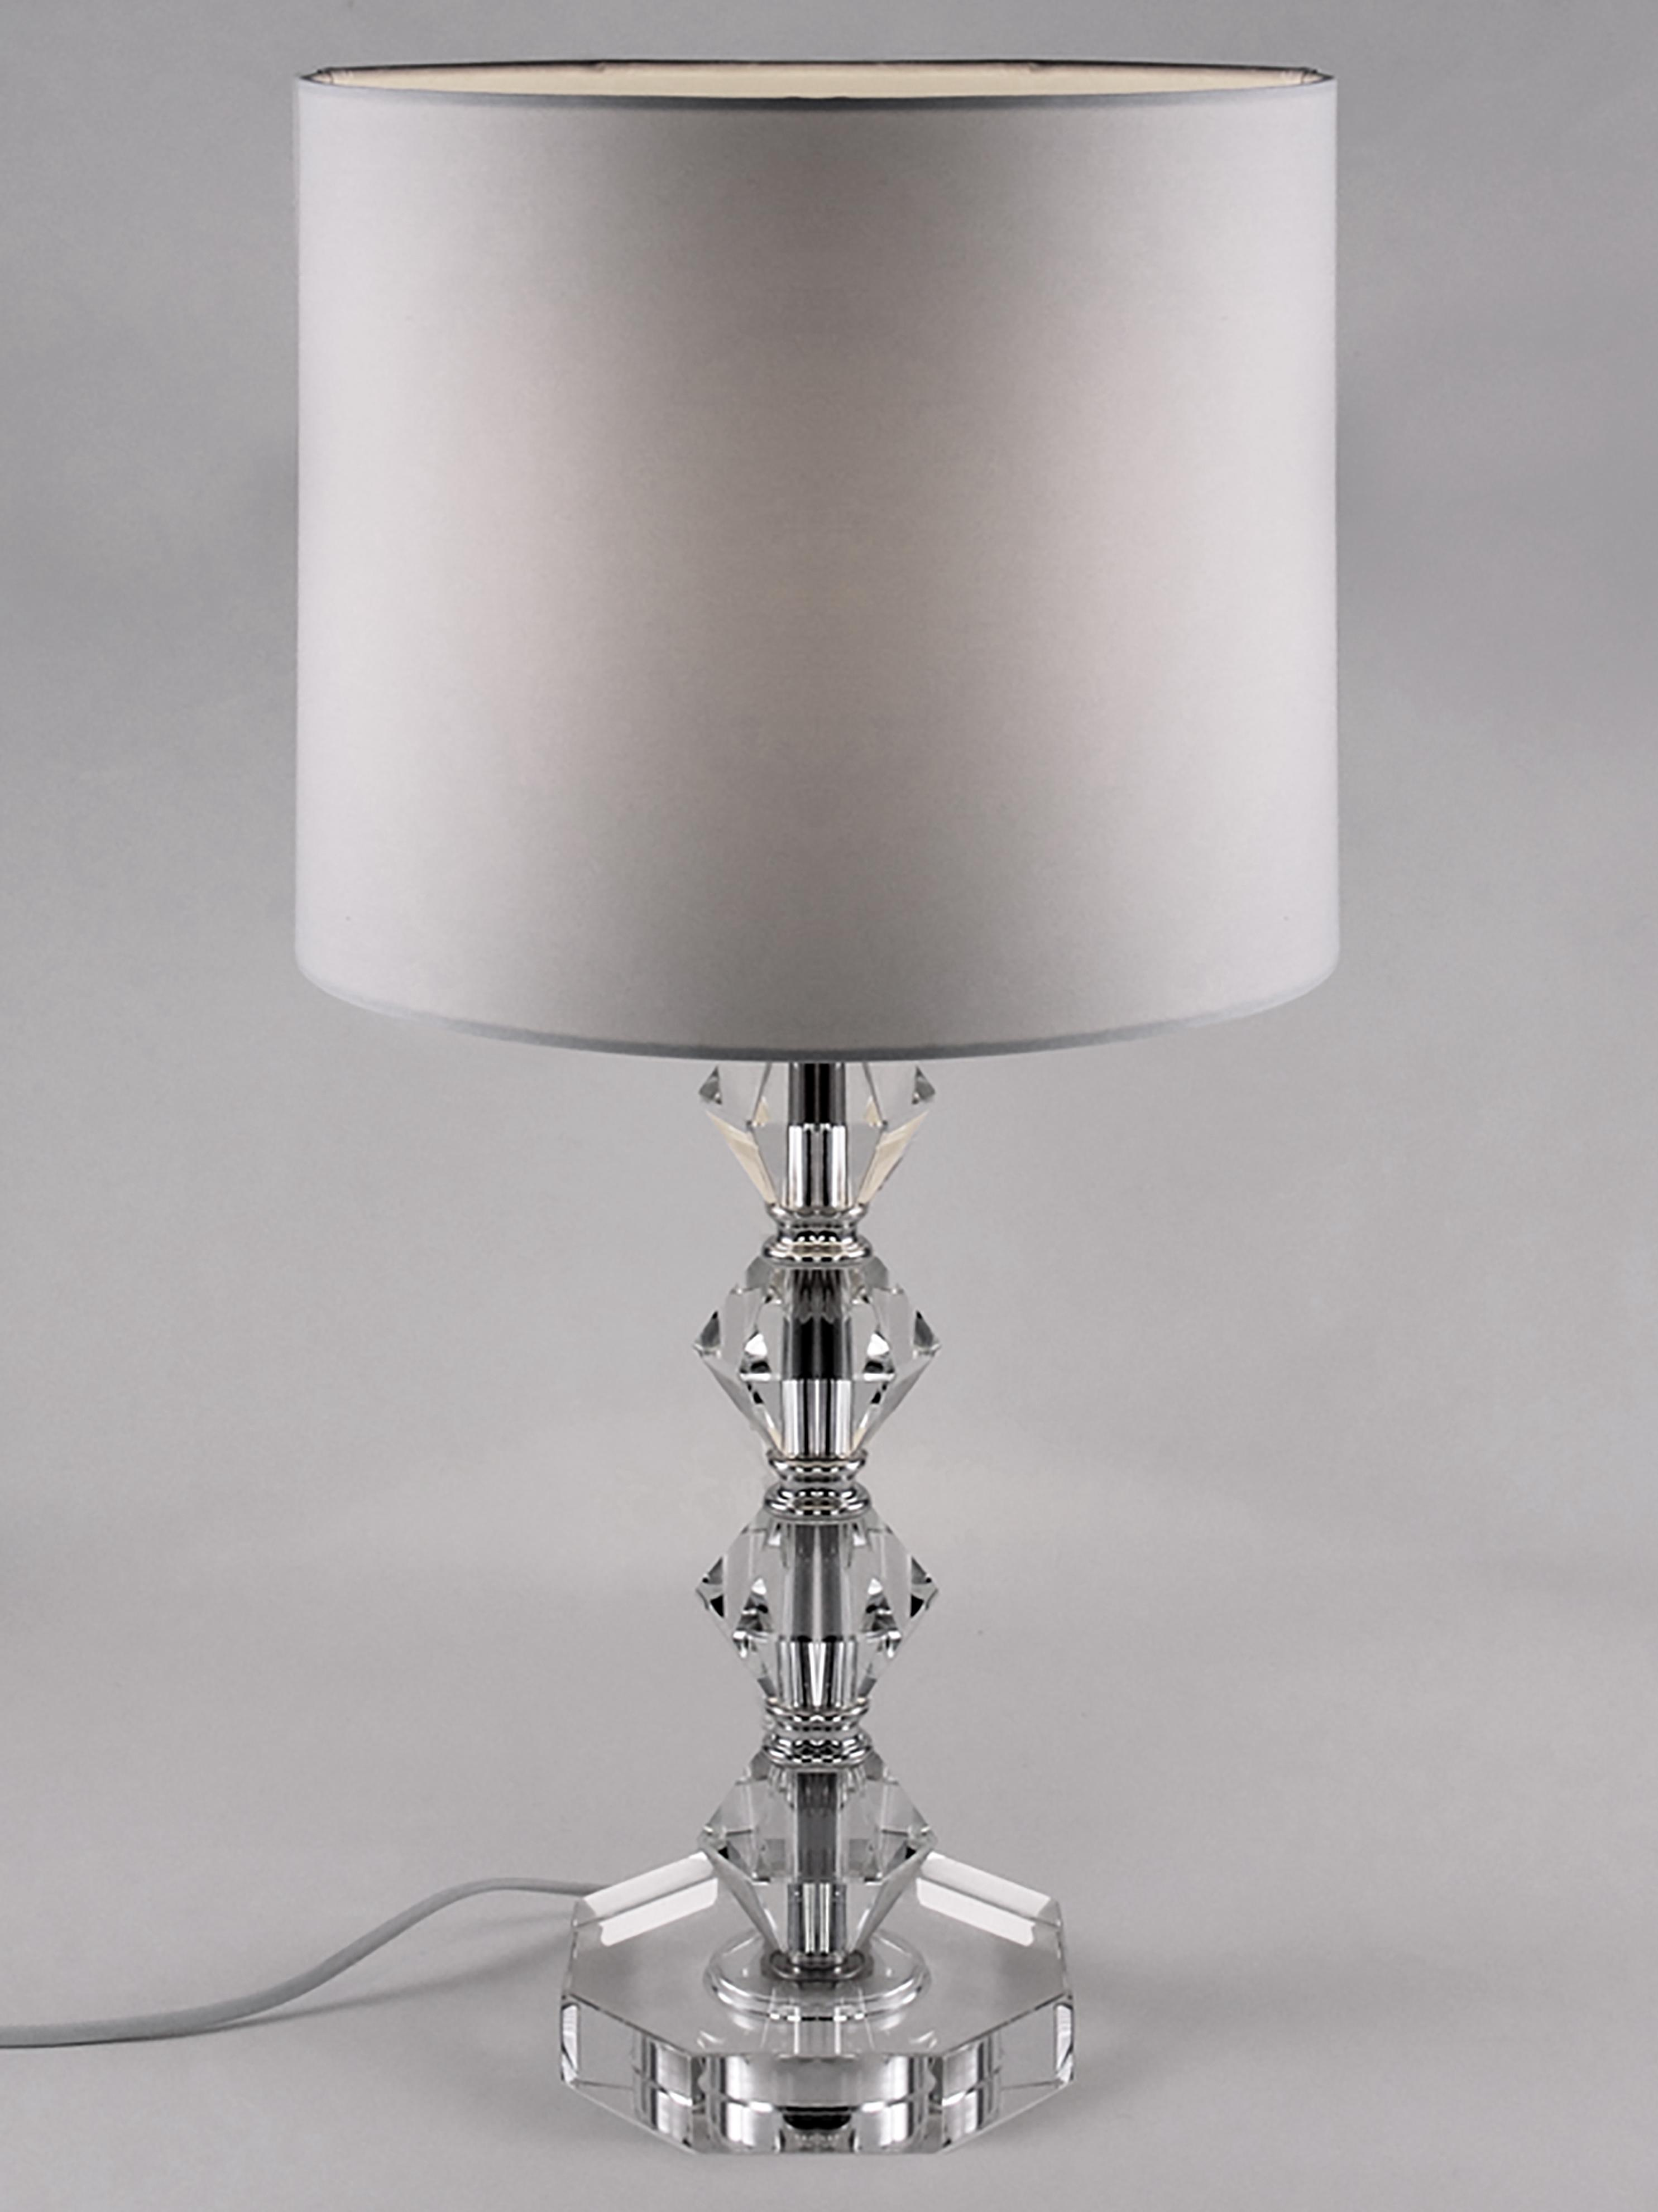 Tischlampe Diamond aus Kristallglas, Lampenschirm: Textil, Lampenfuß: Kristallglas, Lampenschirm: Weiß, Lampenfuß: Transparent, Kabel: Weiß, Ø 25 x H 53 cm